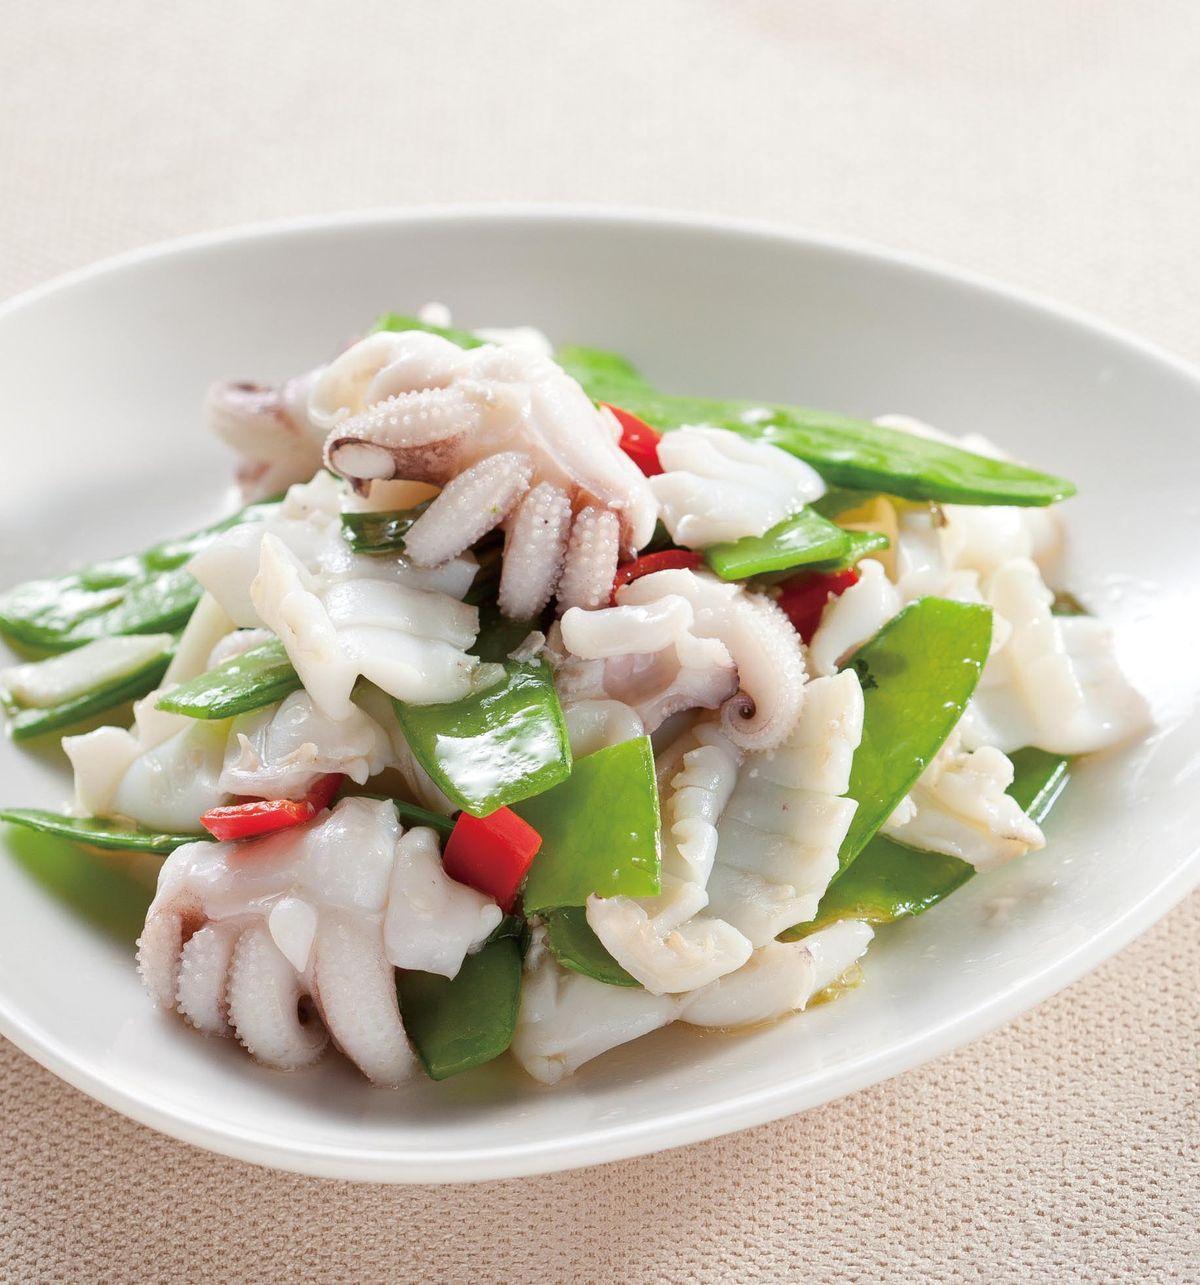 食譜:荷蘭豆炒花枝